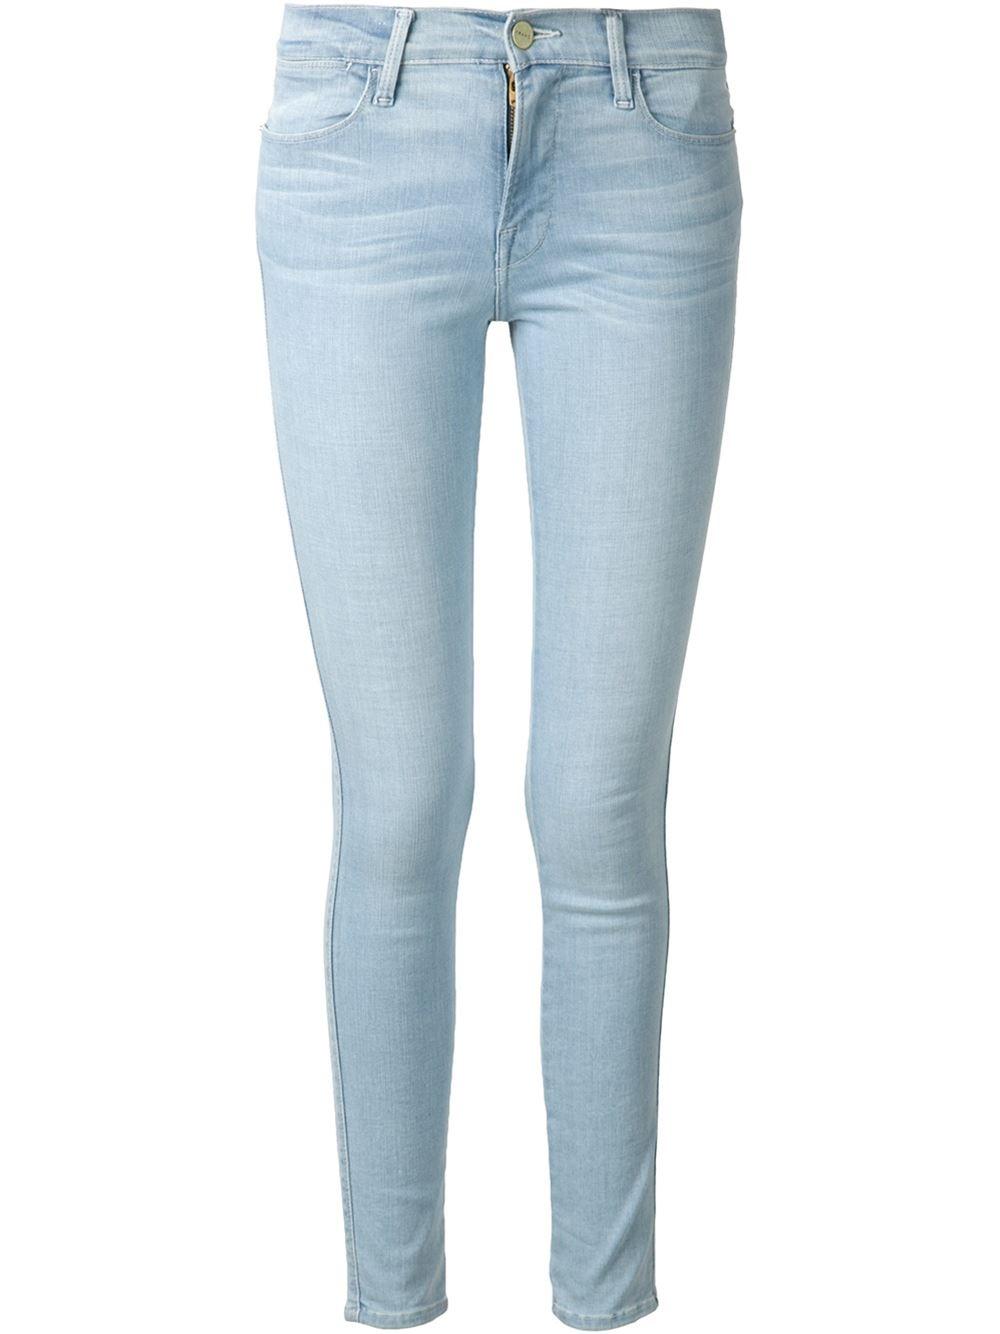 frame denim 39 jeanne le 39 high waist skinny jeans in blue lyst. Black Bedroom Furniture Sets. Home Design Ideas